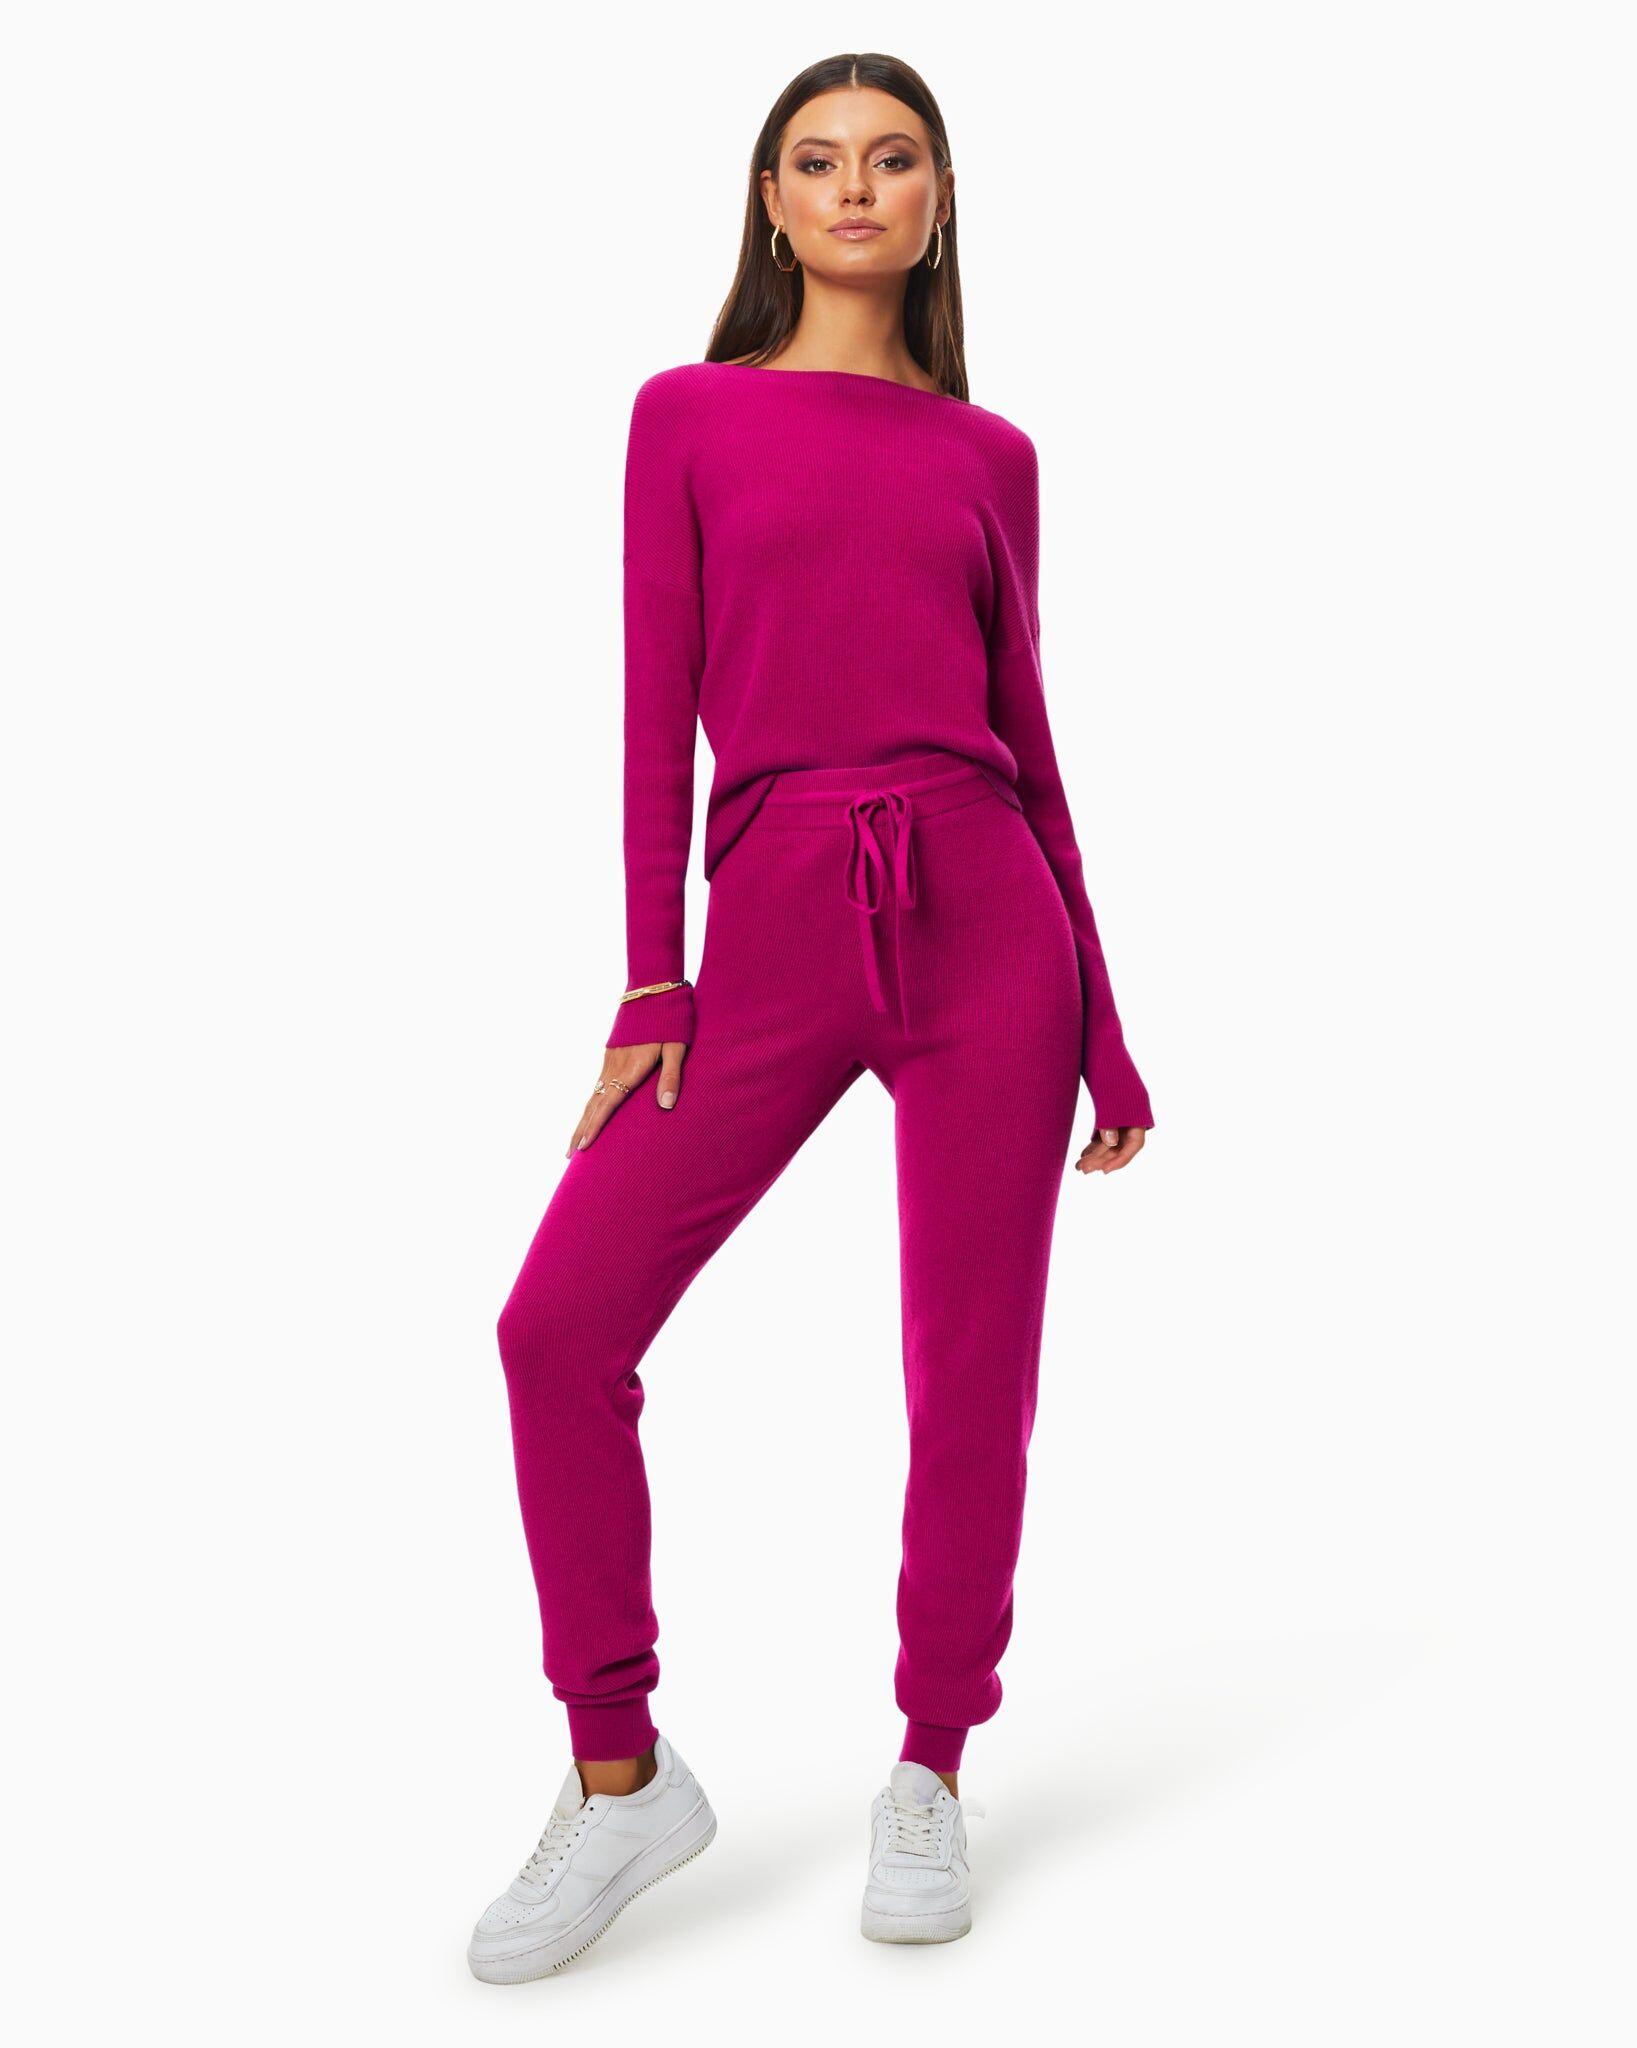 Landon Knit Jogger in Diva Pink - Diva Pink - Size: L